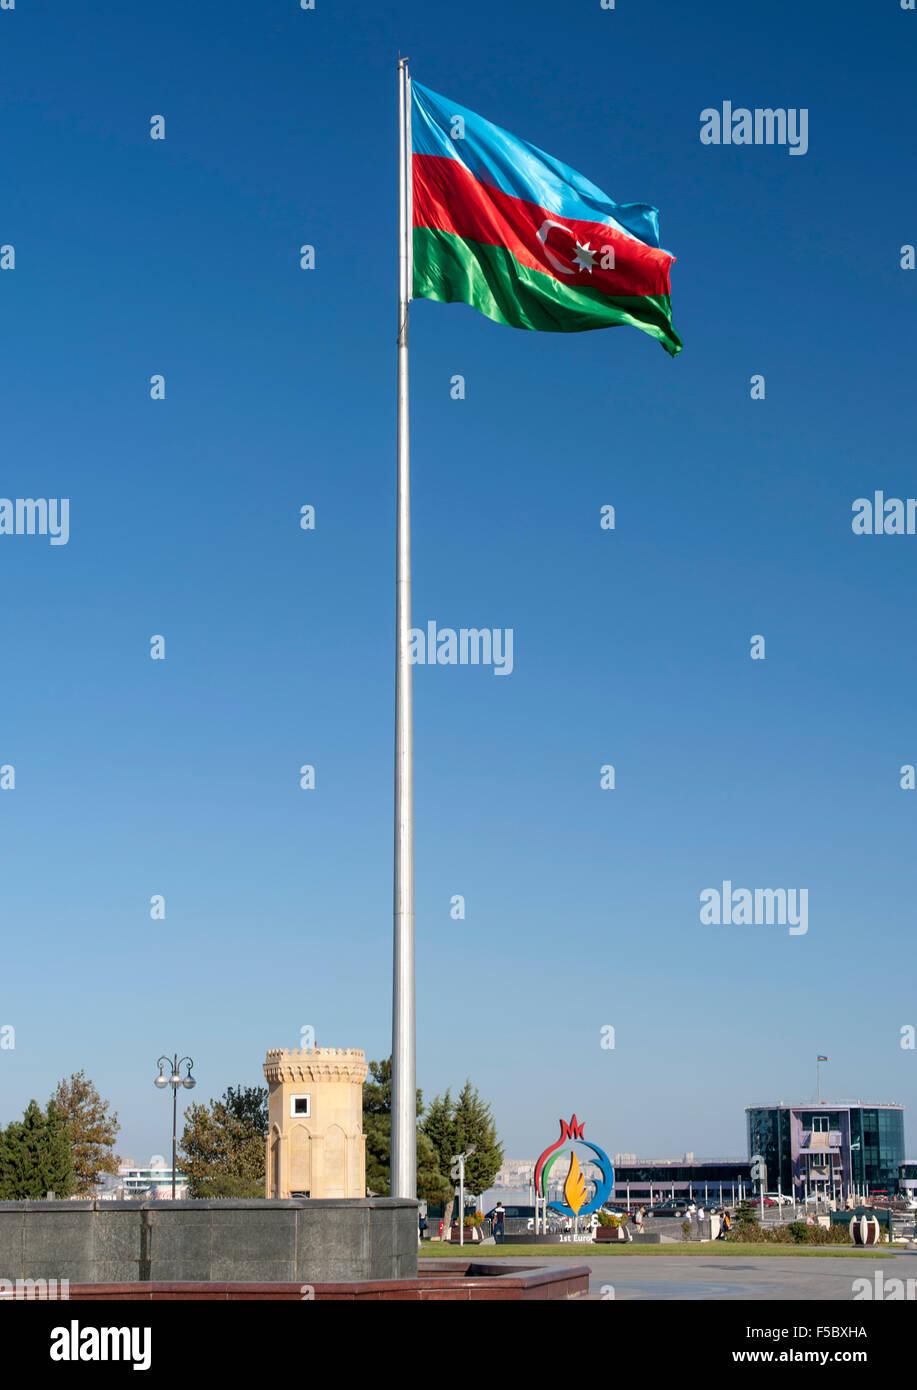 The flag of Azerbaijan in Bulvar park in Baku, the capital city. - Stock Image